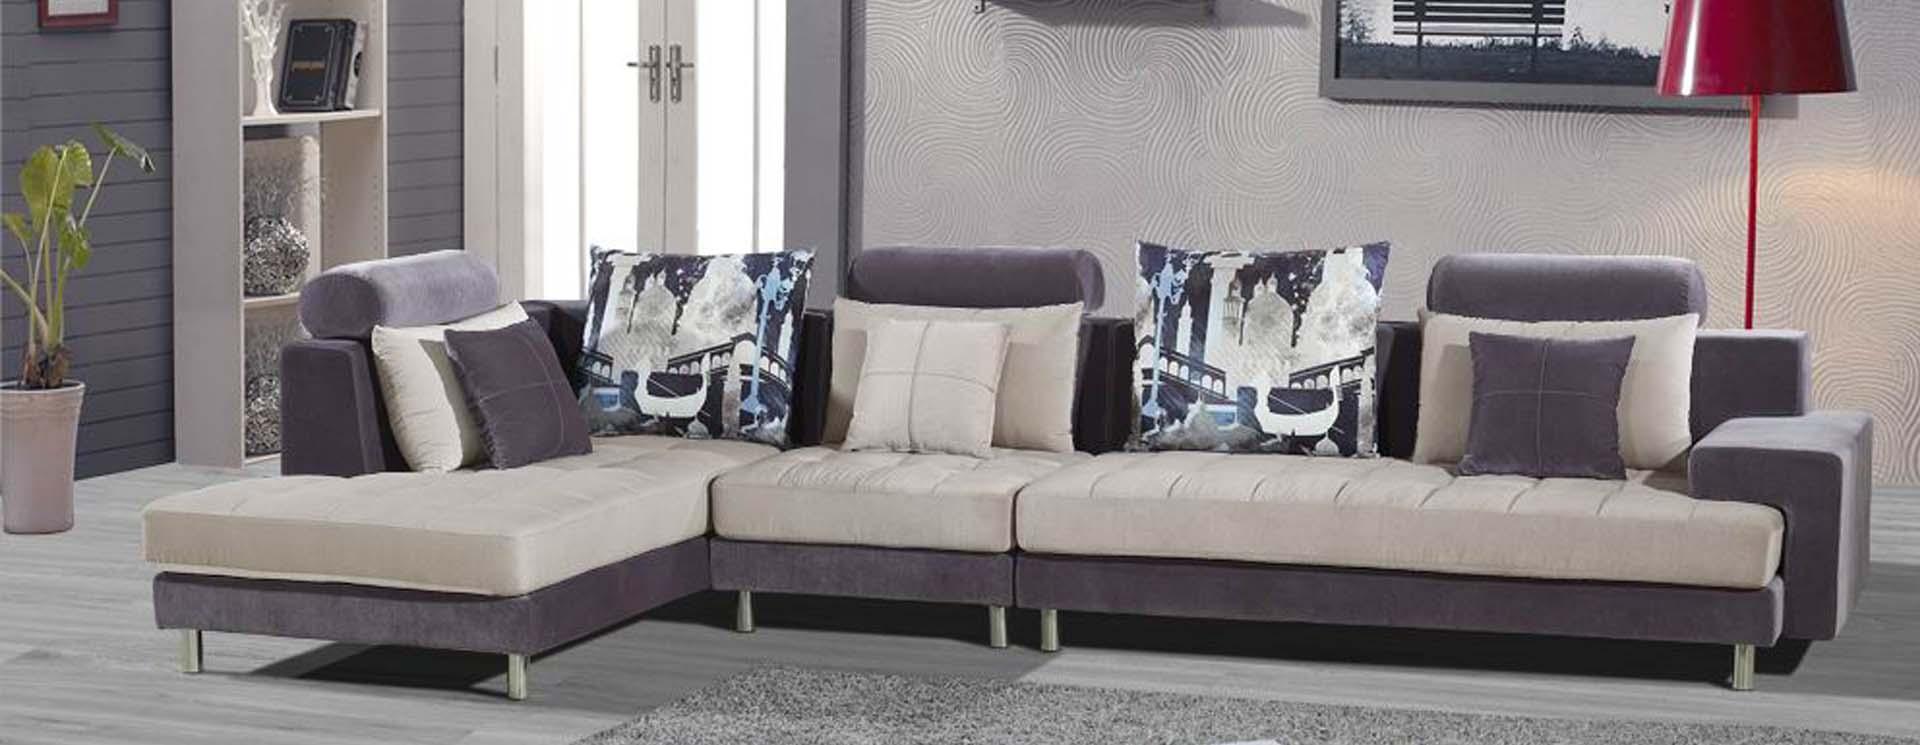 名称:沙发E-615#A<br/> 市场价:<font style='color:#999;text-decoration:line-through;'>¥0</font><br />全国统一零售价:<font color='Red'>¥0.0</font>